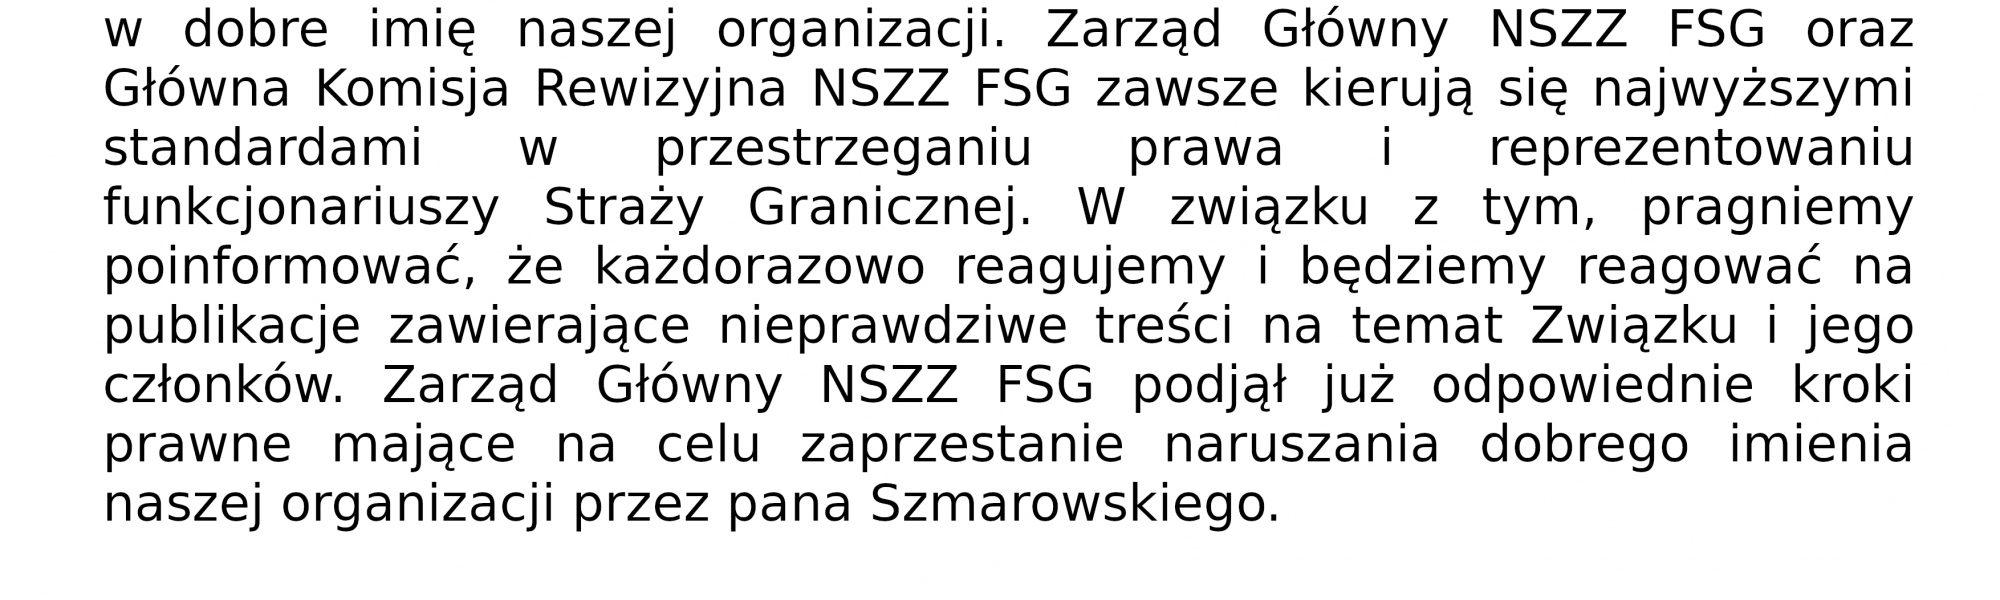 Oświadczenie Przewodniczącego ZG NSZZ FSG i GKR NSZZ FSG